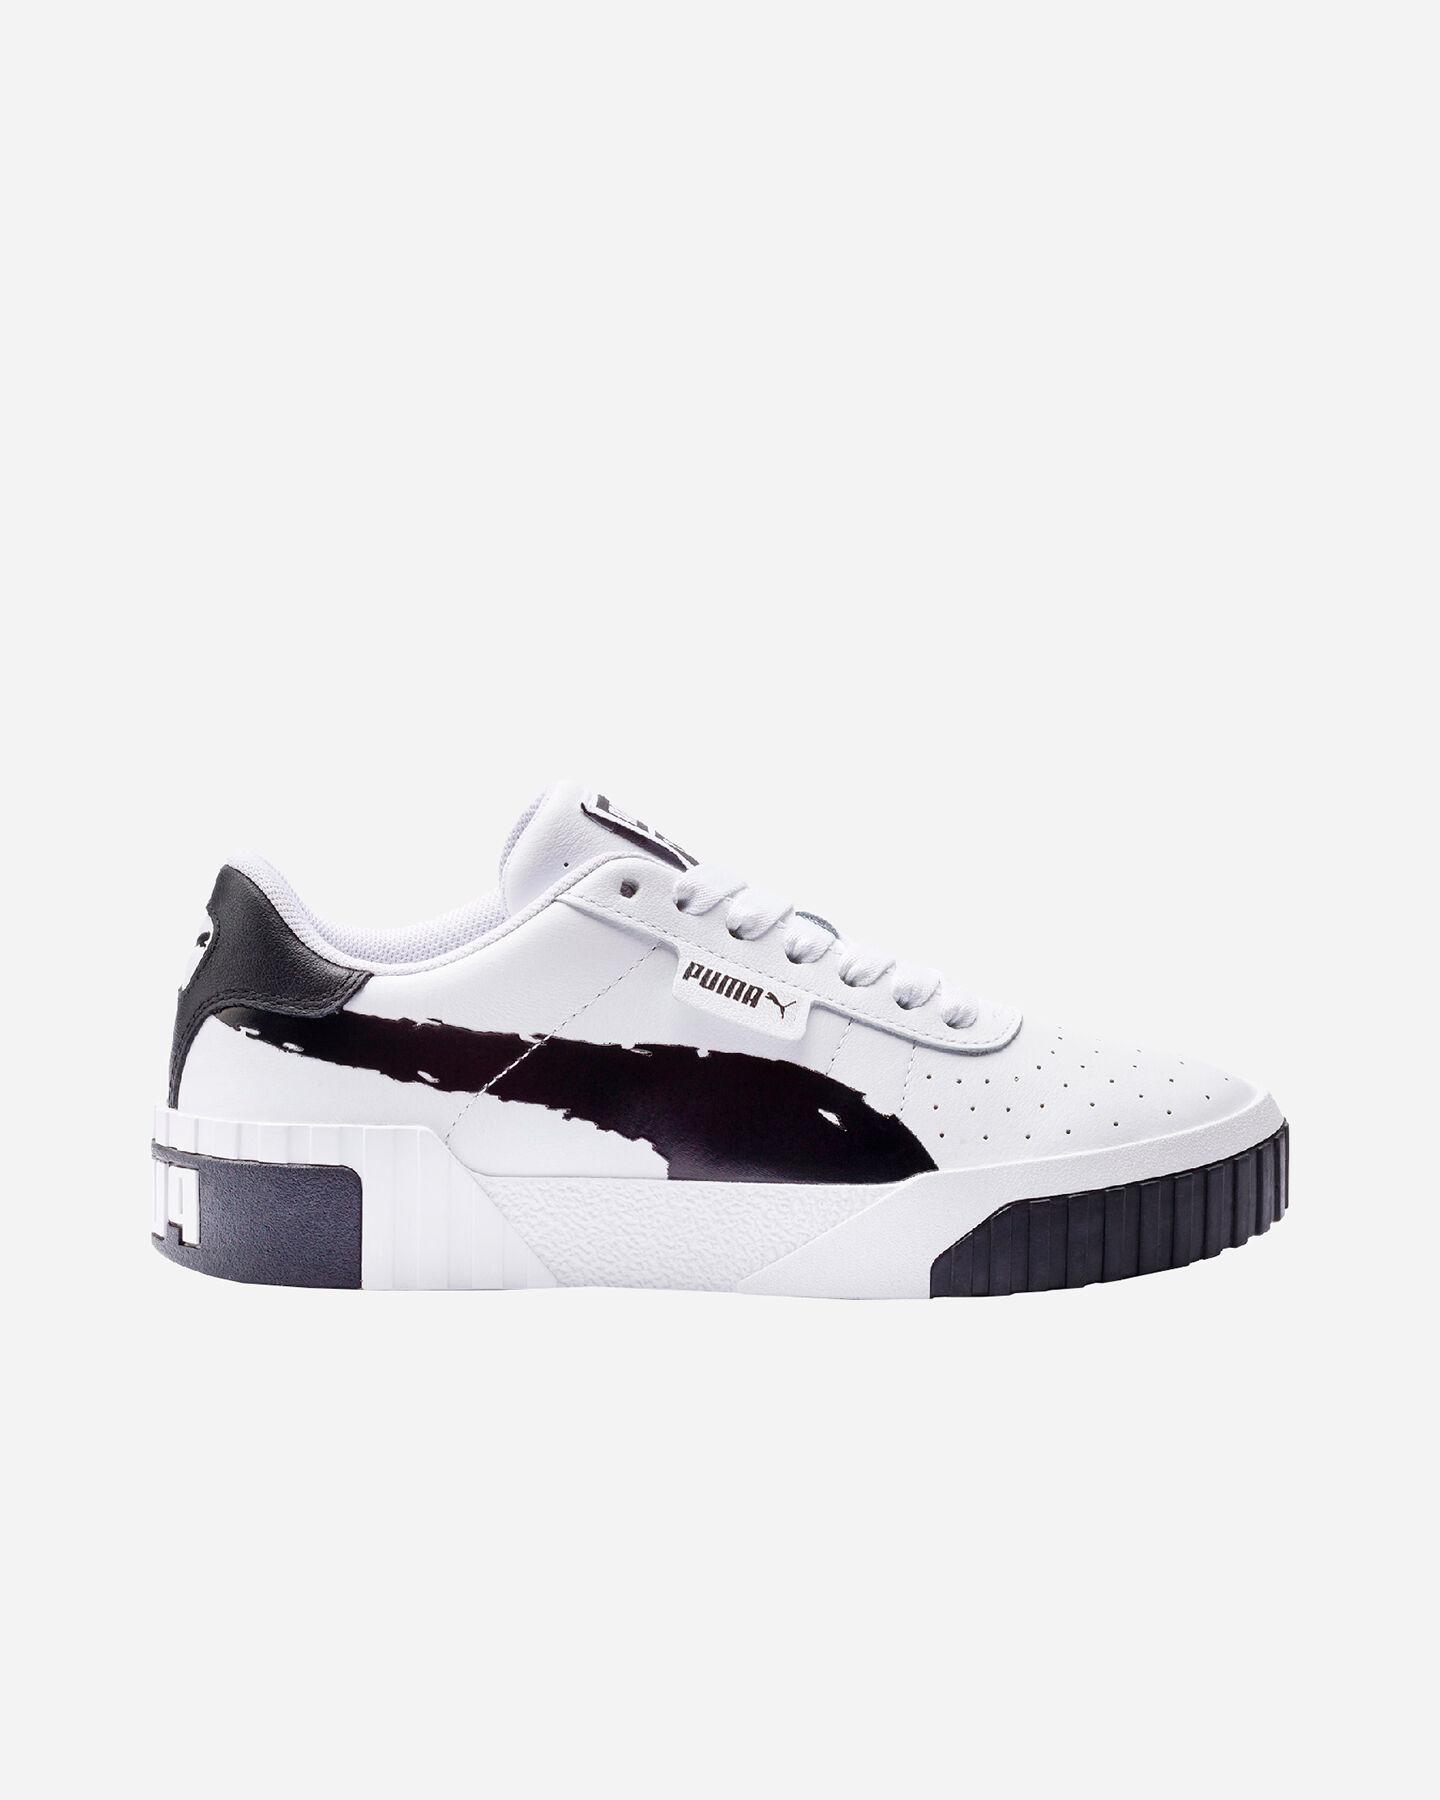 puma bianche e nere donna scarpe